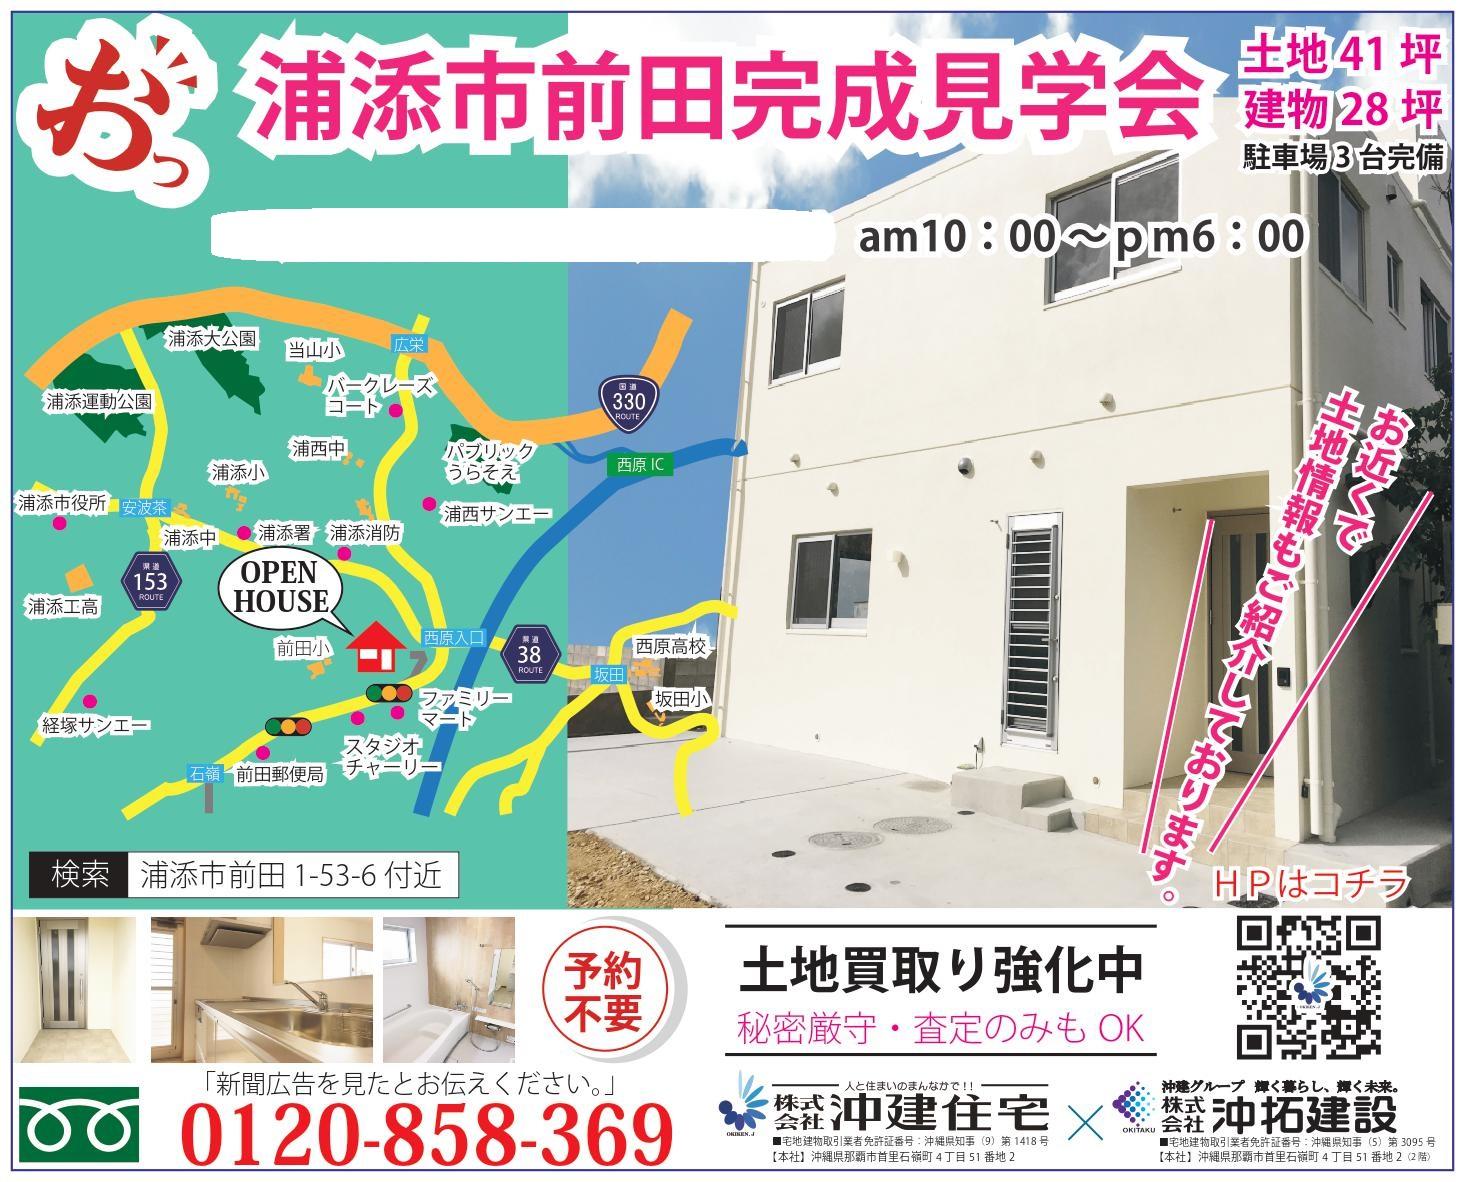 浦添市前田にてオープンハウス&無料住宅相談会を開催!